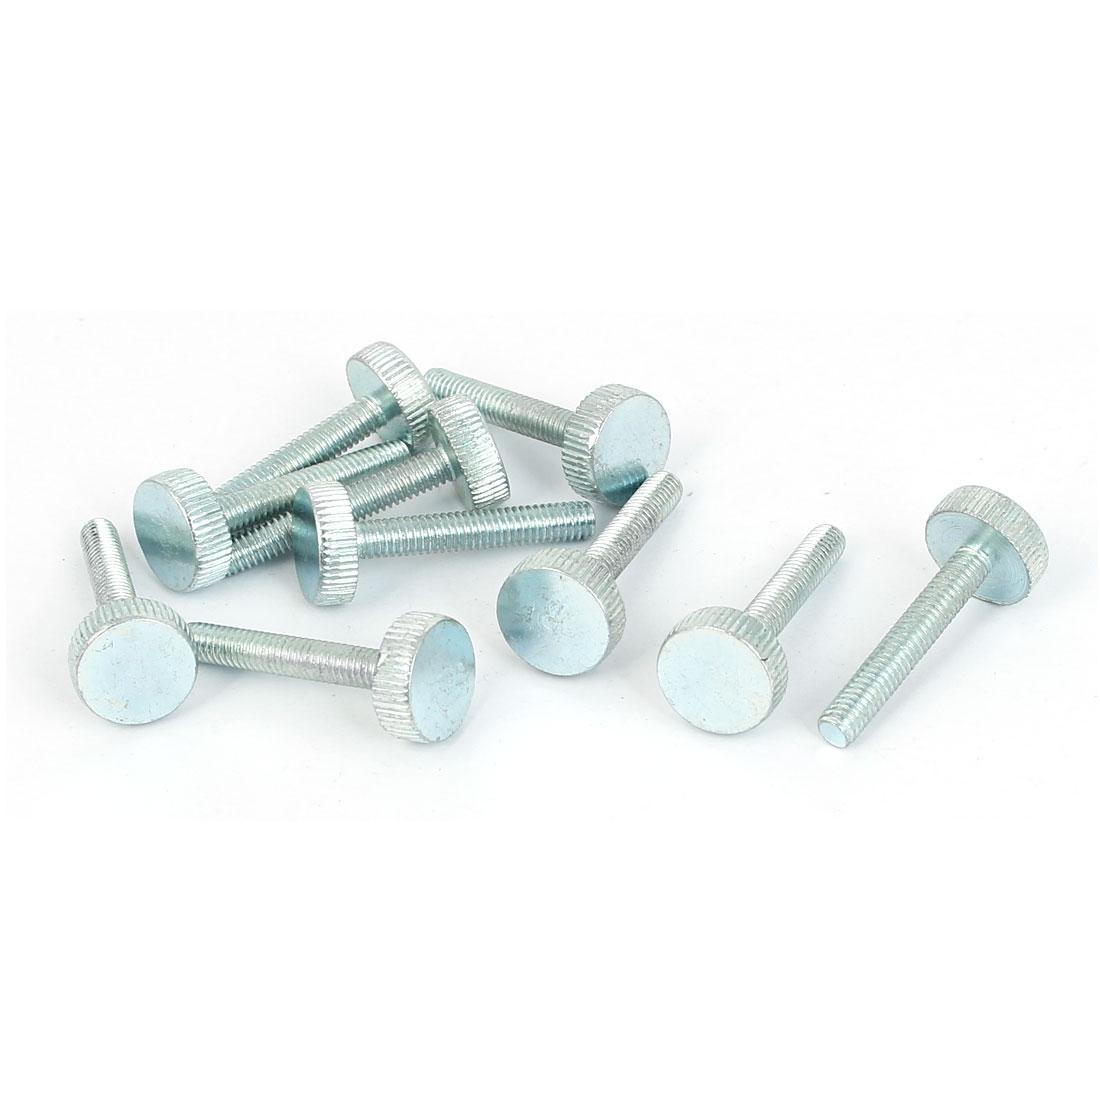 M4x25mm Thread Carbon Steel Knurled Round Head Thumb Screws Silver Blue 10pcs